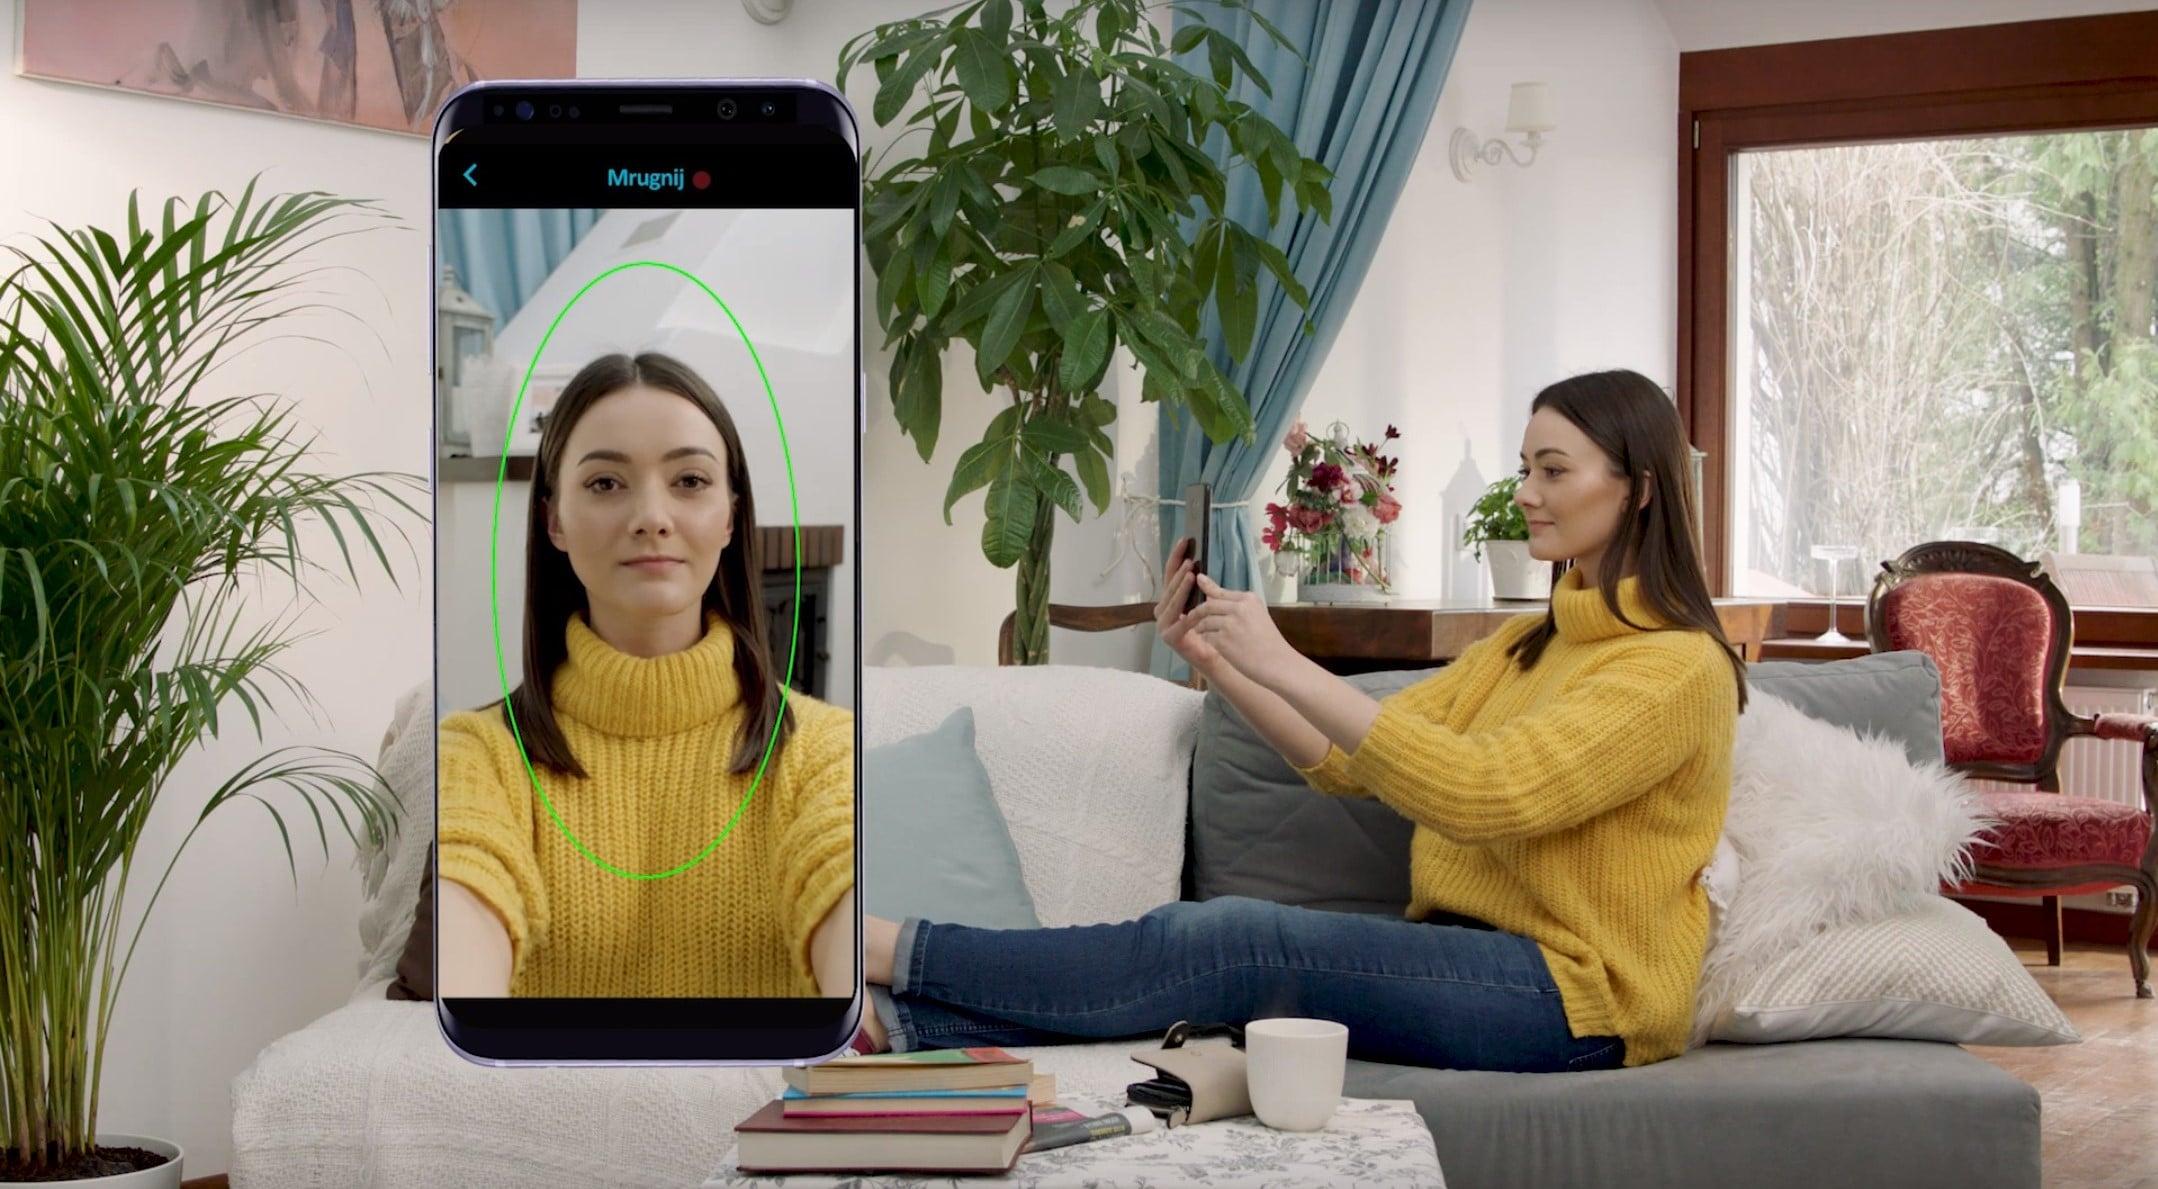 Bank Pekao S.A. umożliwia otwarcie konta za pomocą selfie w aplikacji mobilnej